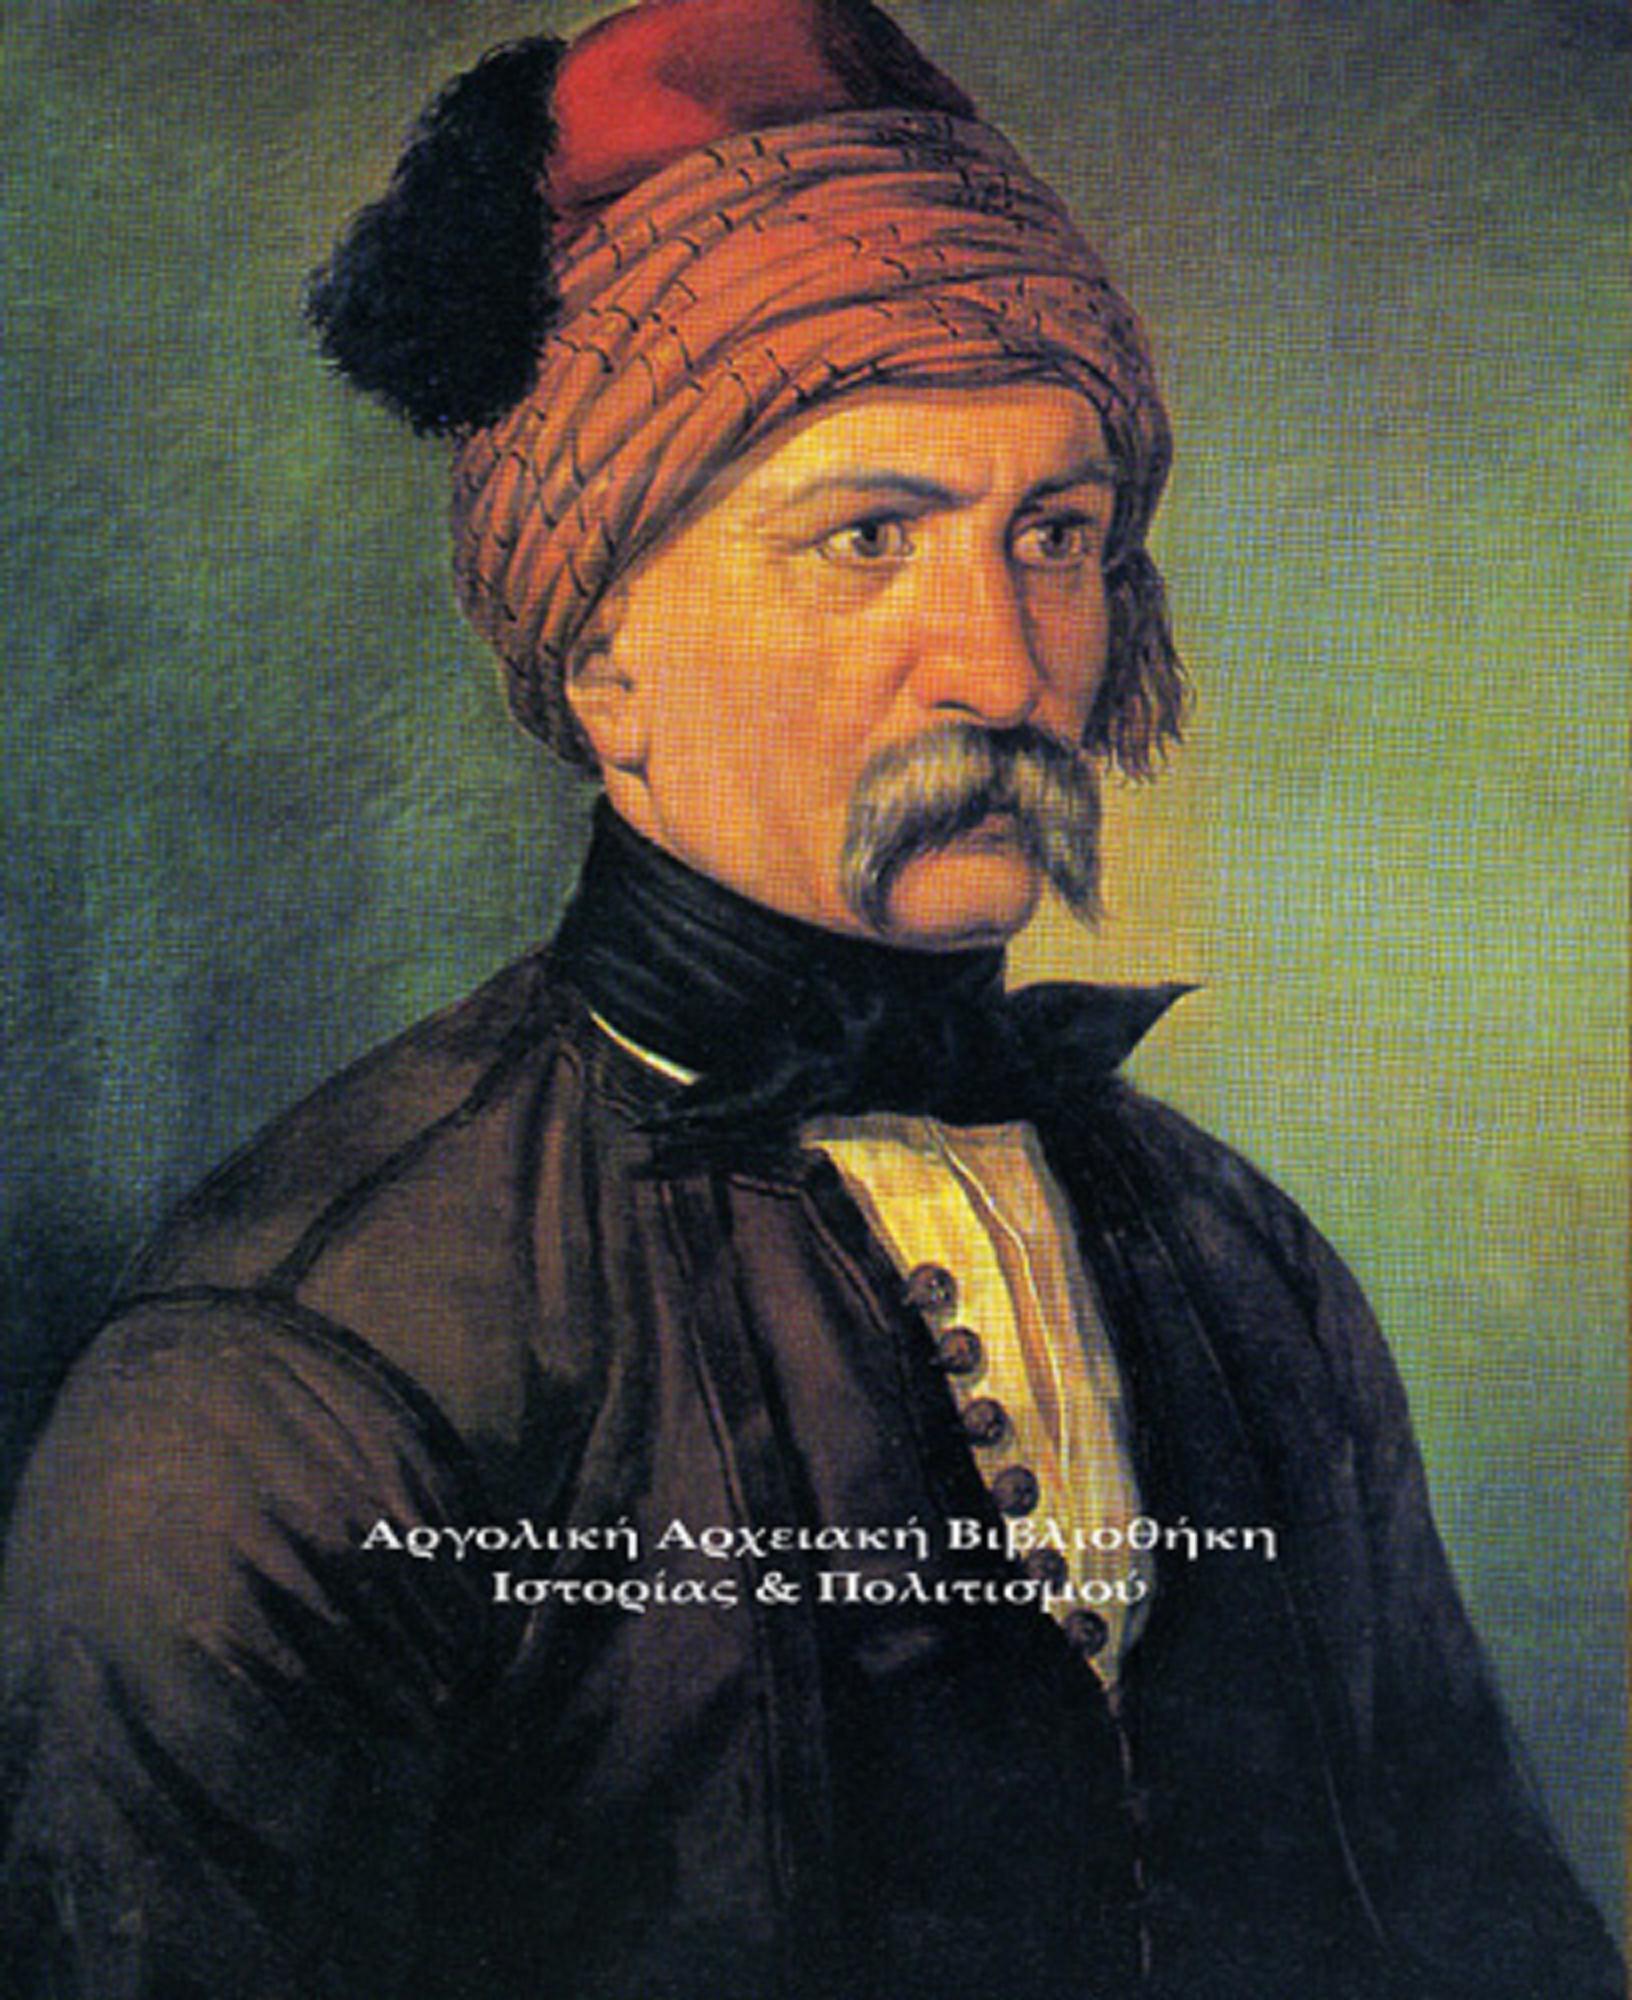 Ἀποστόλης Νικολῆς. Ὁ ναύαρχος τῶν Ψαρῶν.